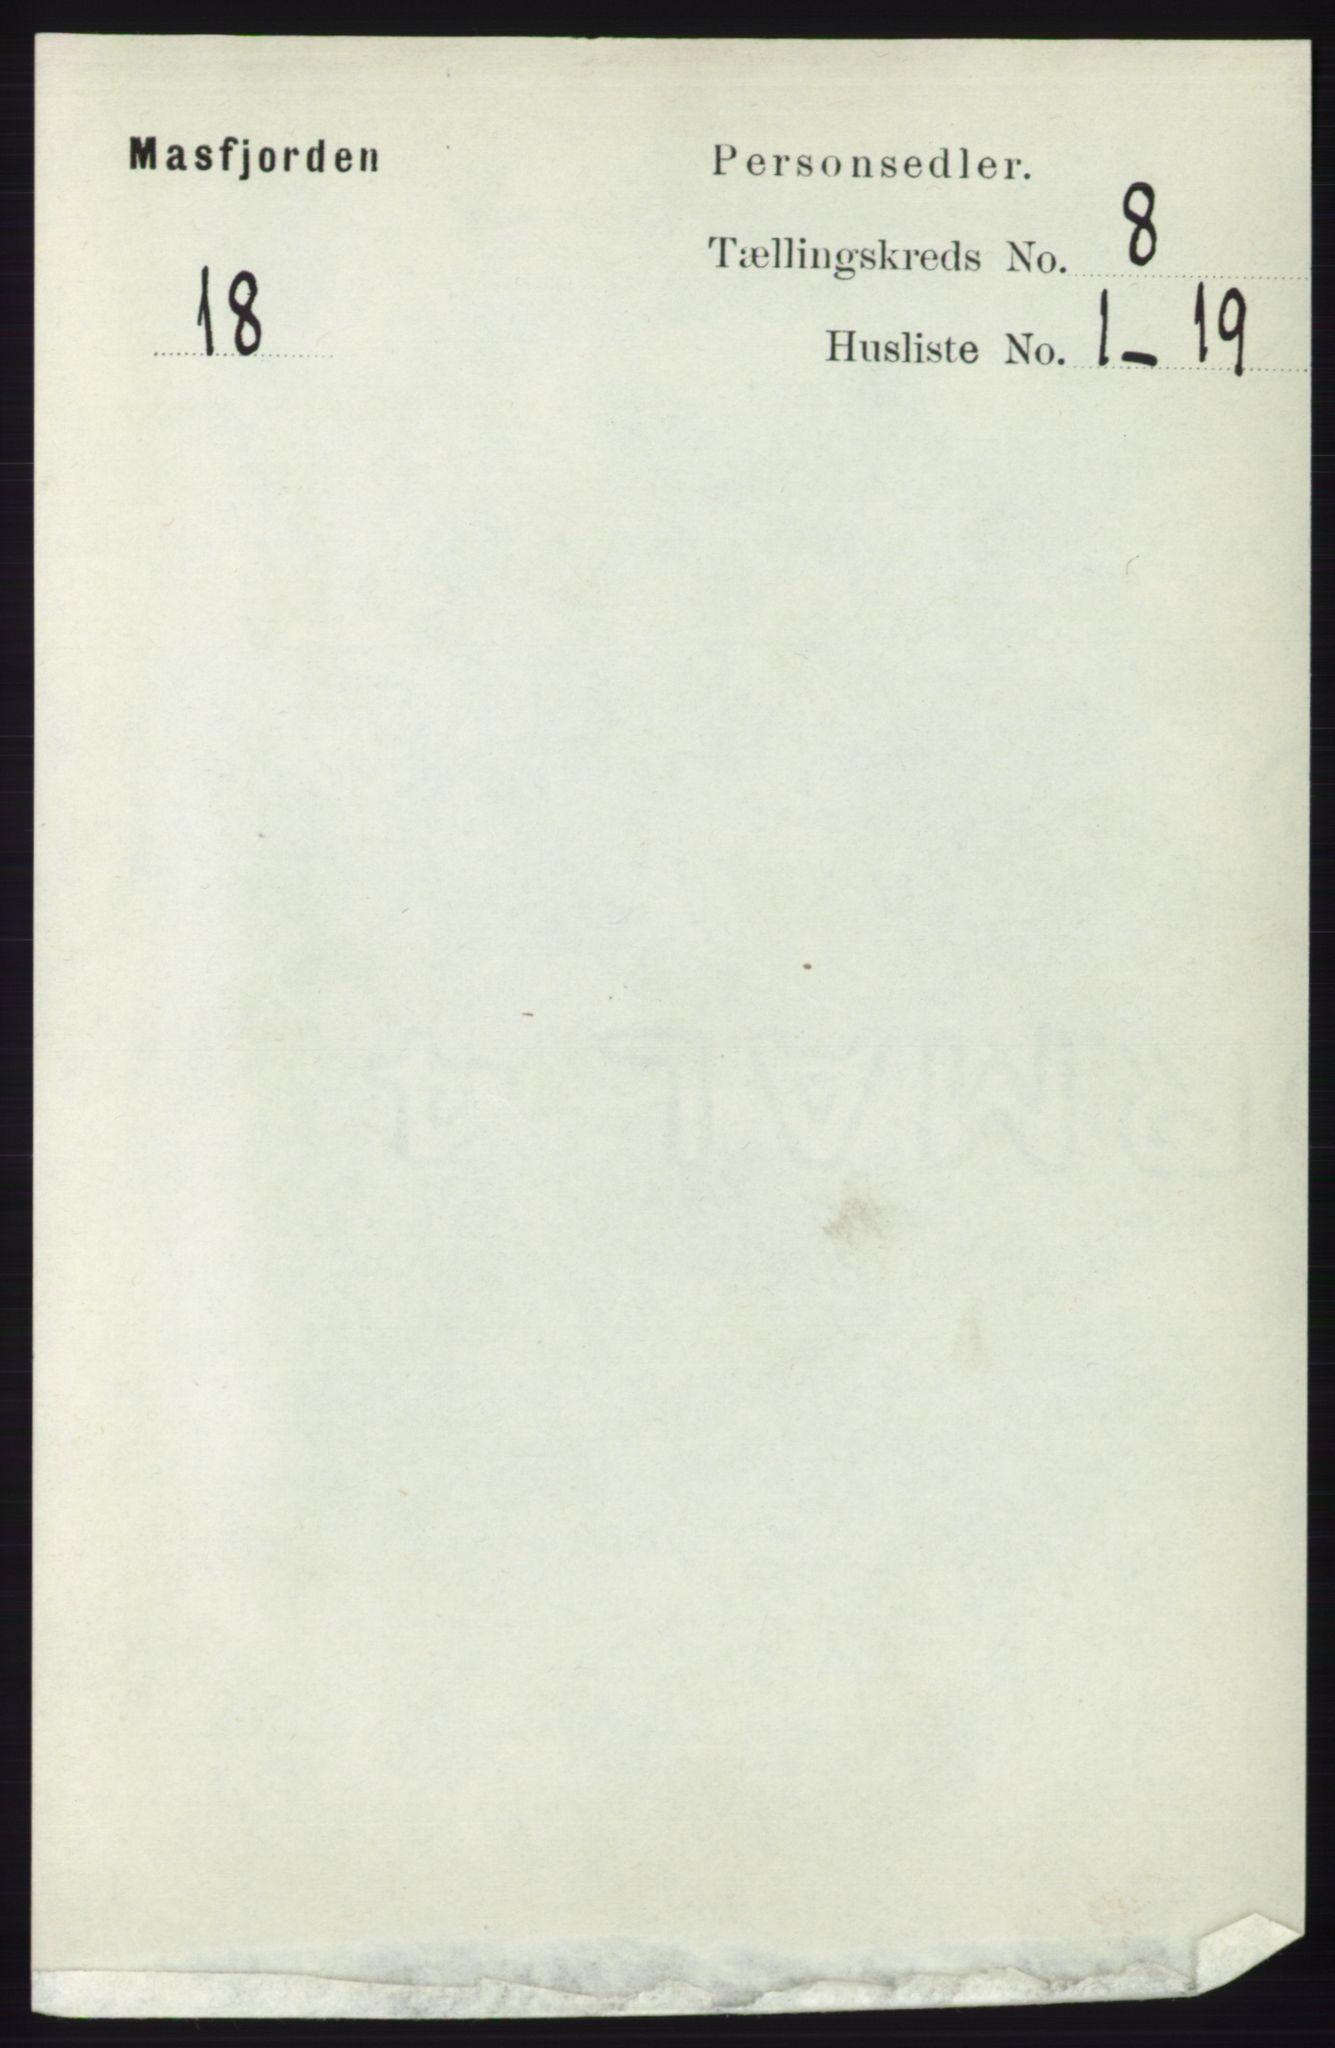 RA, Folketelling 1891 for 1266 Masfjorden herred, 1891, s. 1532